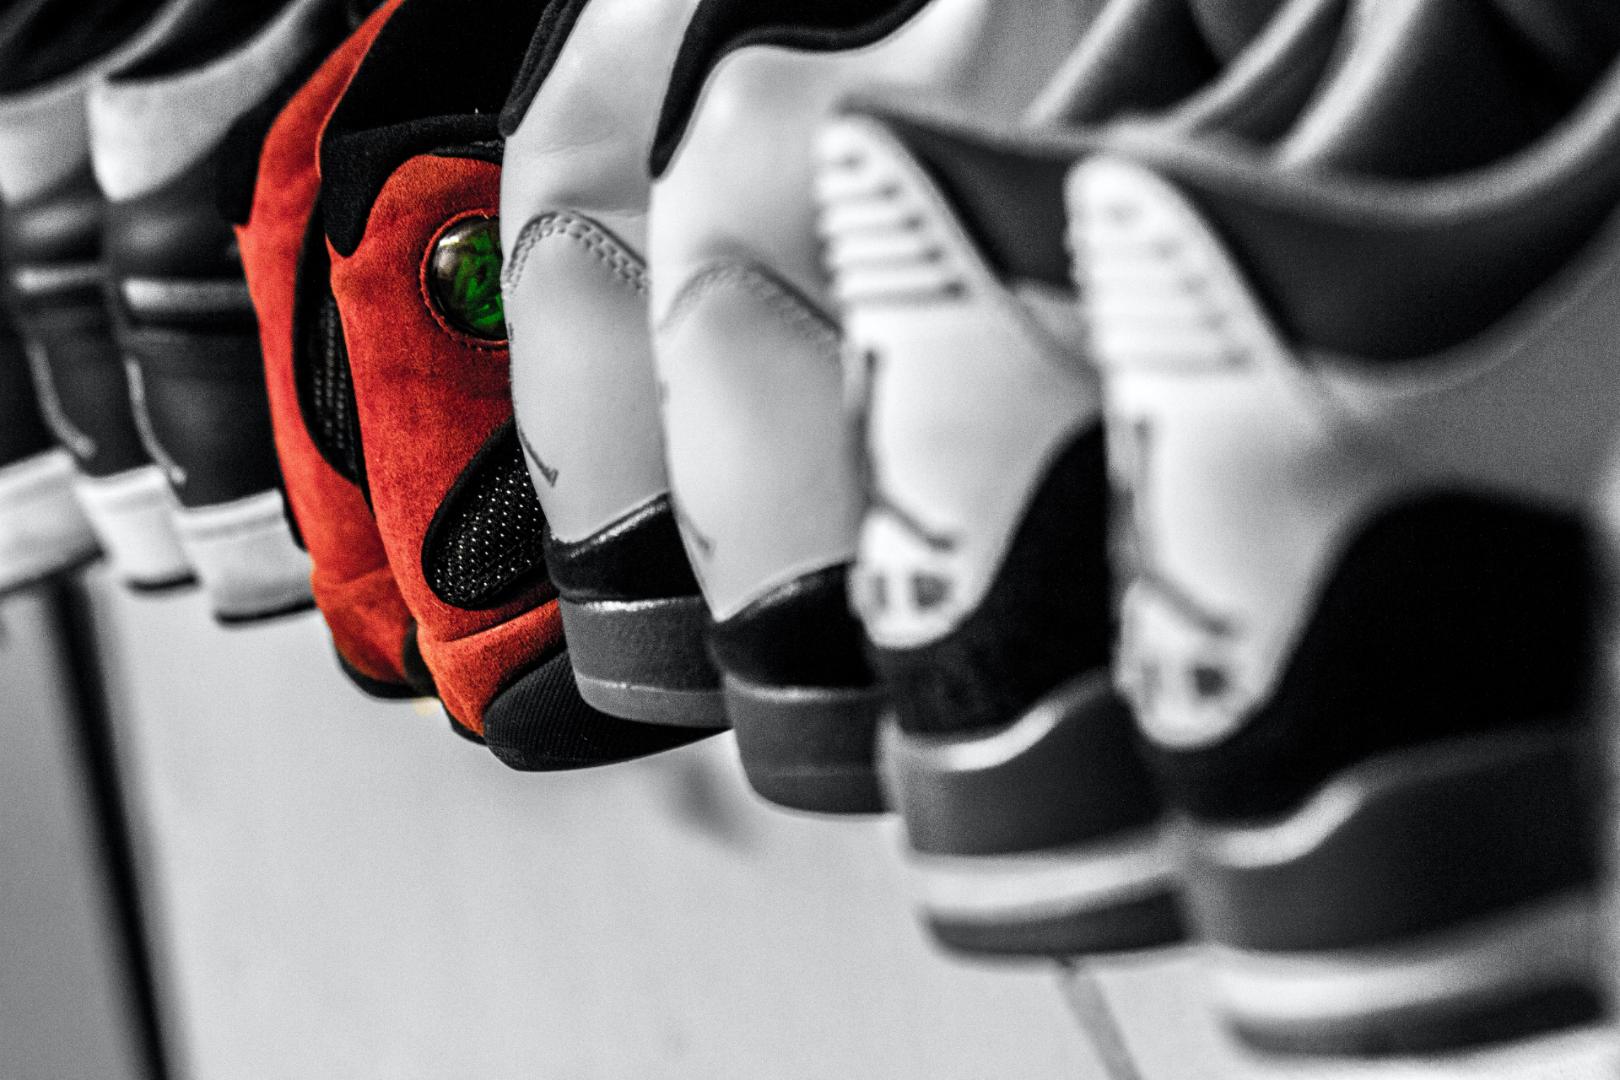 スニーカー好き歓迎!人気ブランドのOEMデザイナー募集のカバー写真